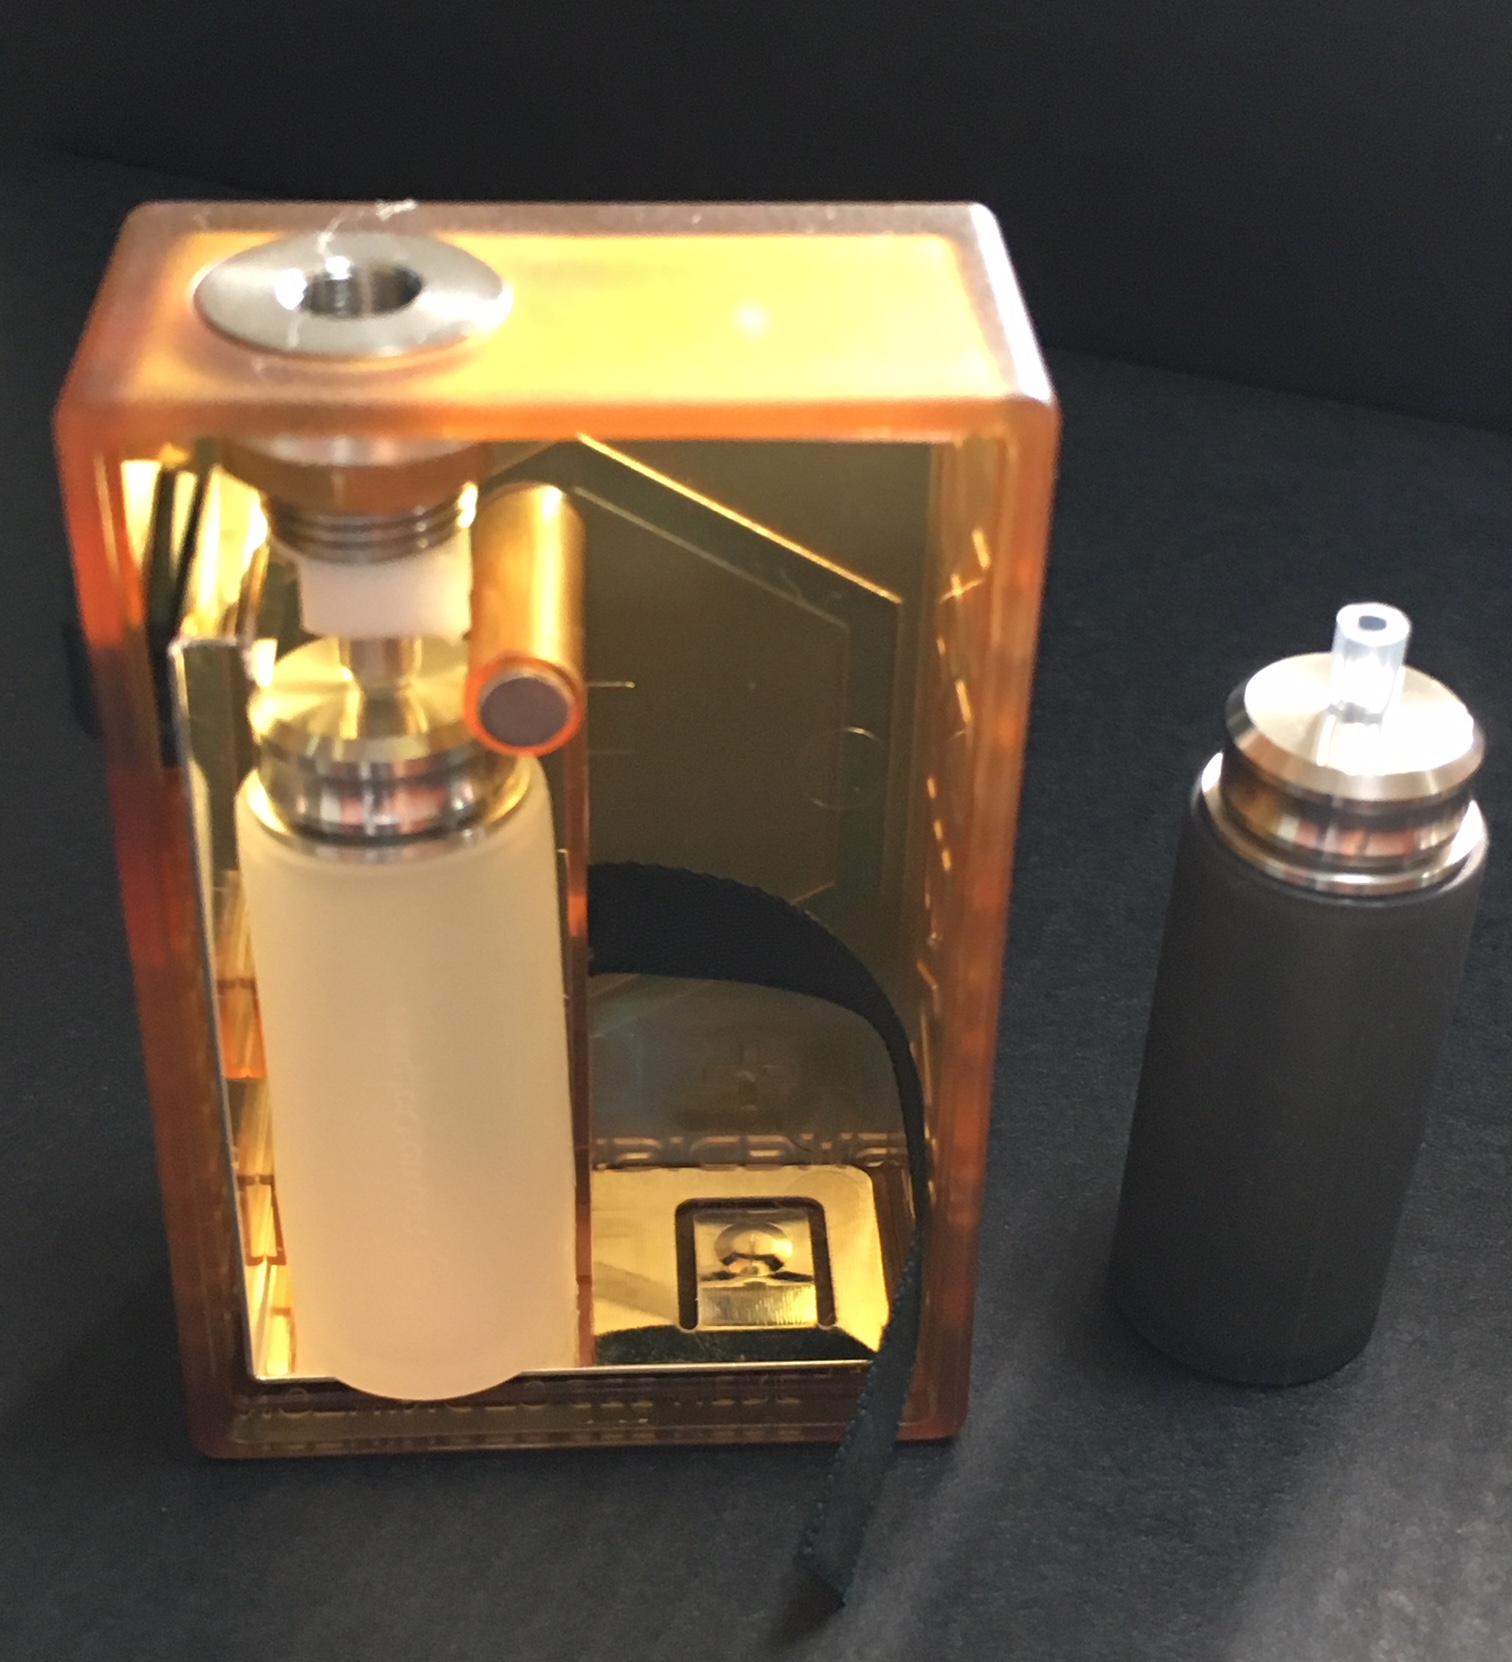 securedownload 15 - 【レビュー】「SWEDISH VAPER よりHIVE(Swedish Vaper Hive Squonk Kit with Dinky RDA)」初めてのメカスコは蜂のように可愛いヤツ【UKデザイン/BF/SQUONKER】